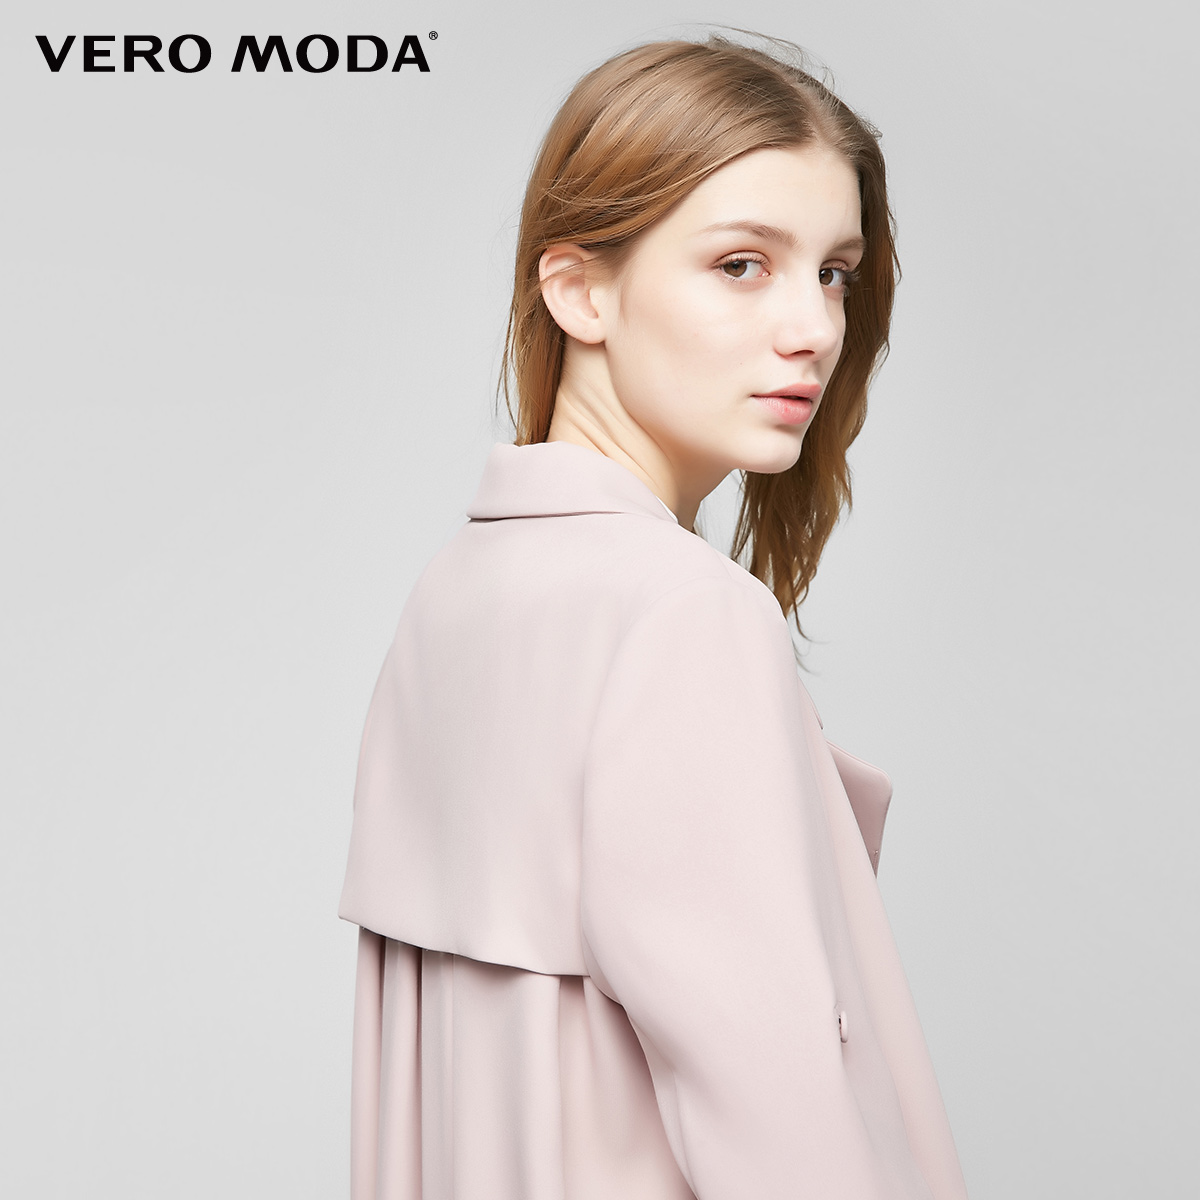 Vero Moda2017新品系带防风档直筒中长款风衣外套|317121512